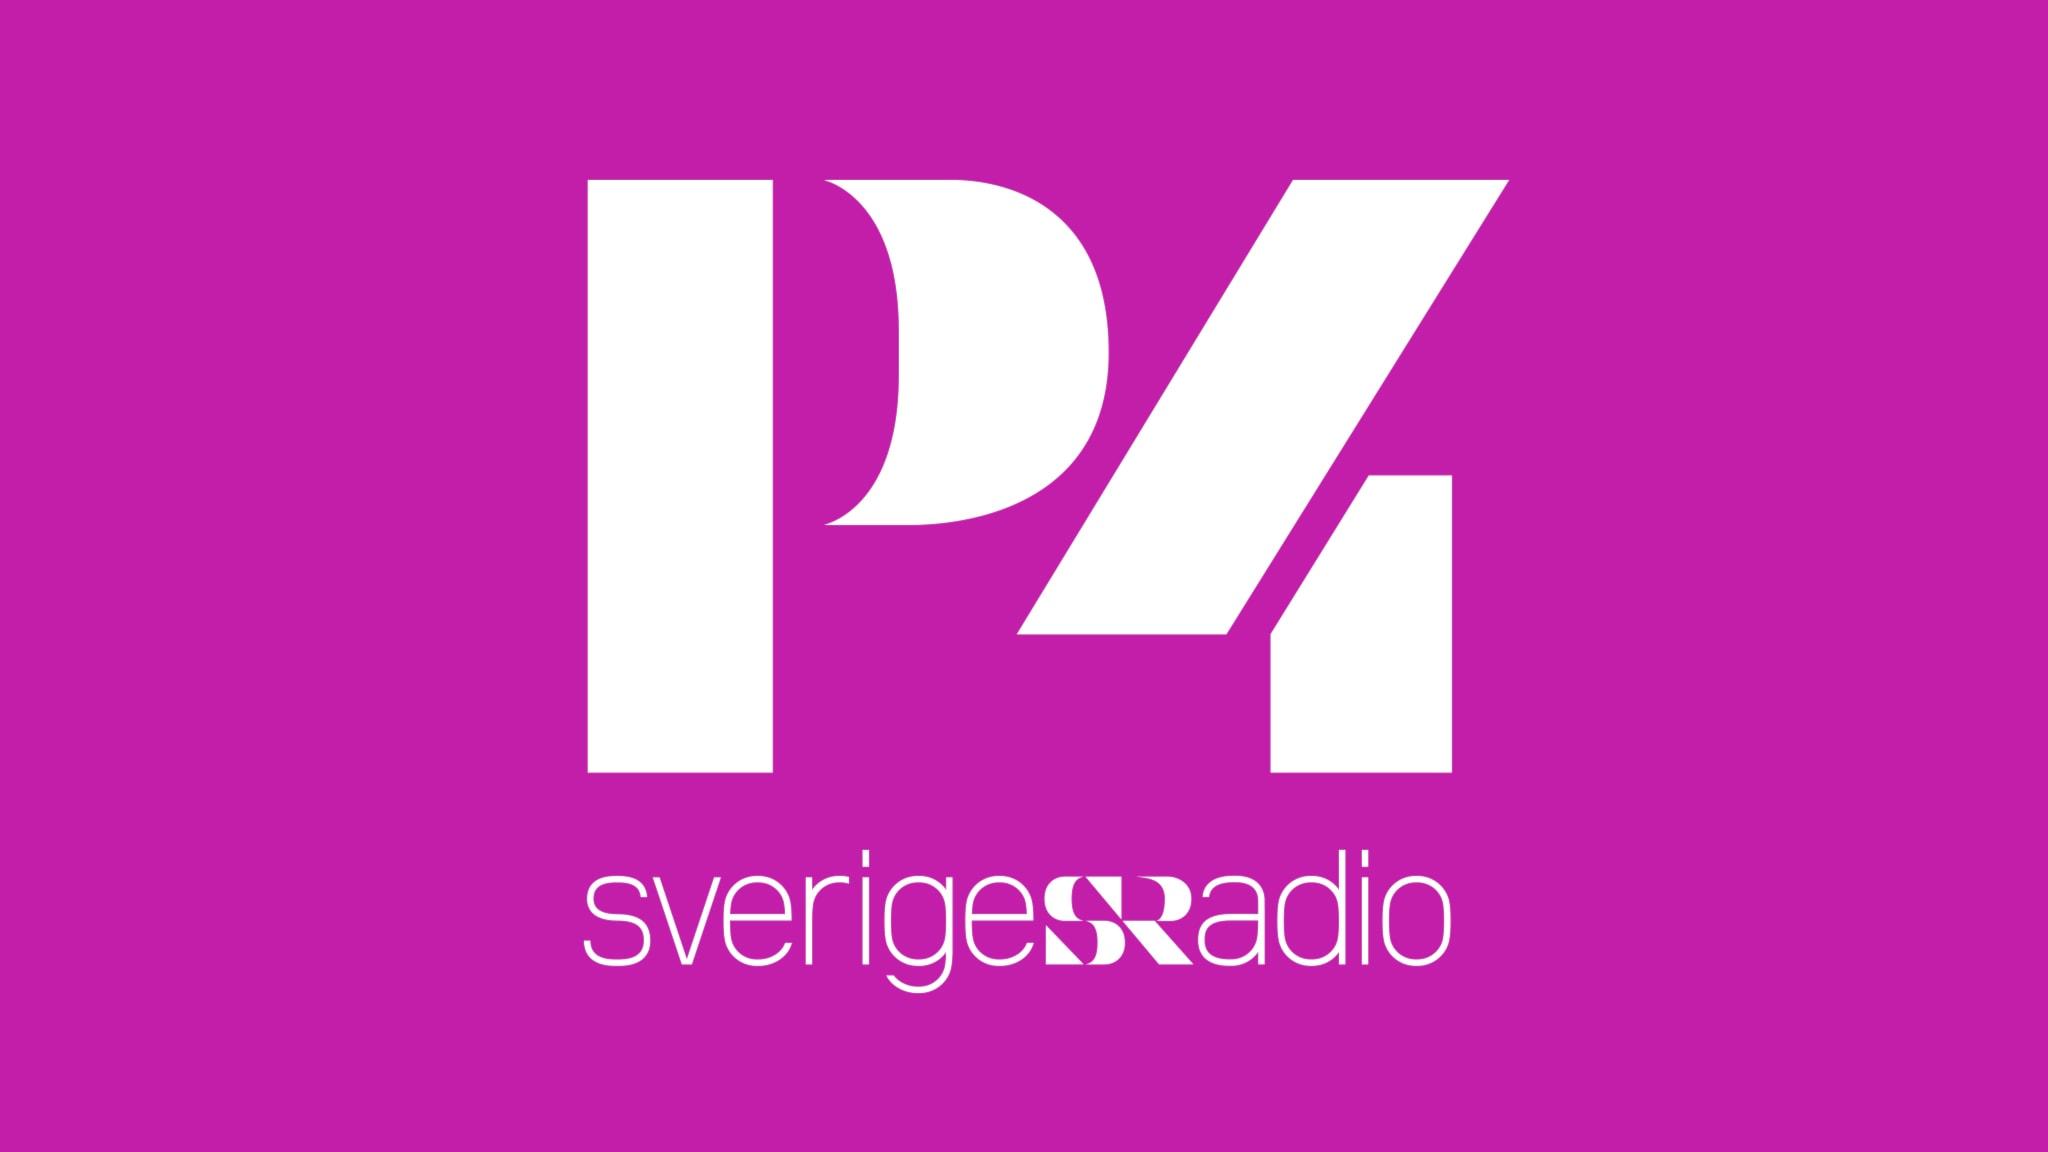 Trafik P4 Göteborg 20180928 17.19 (01.25)